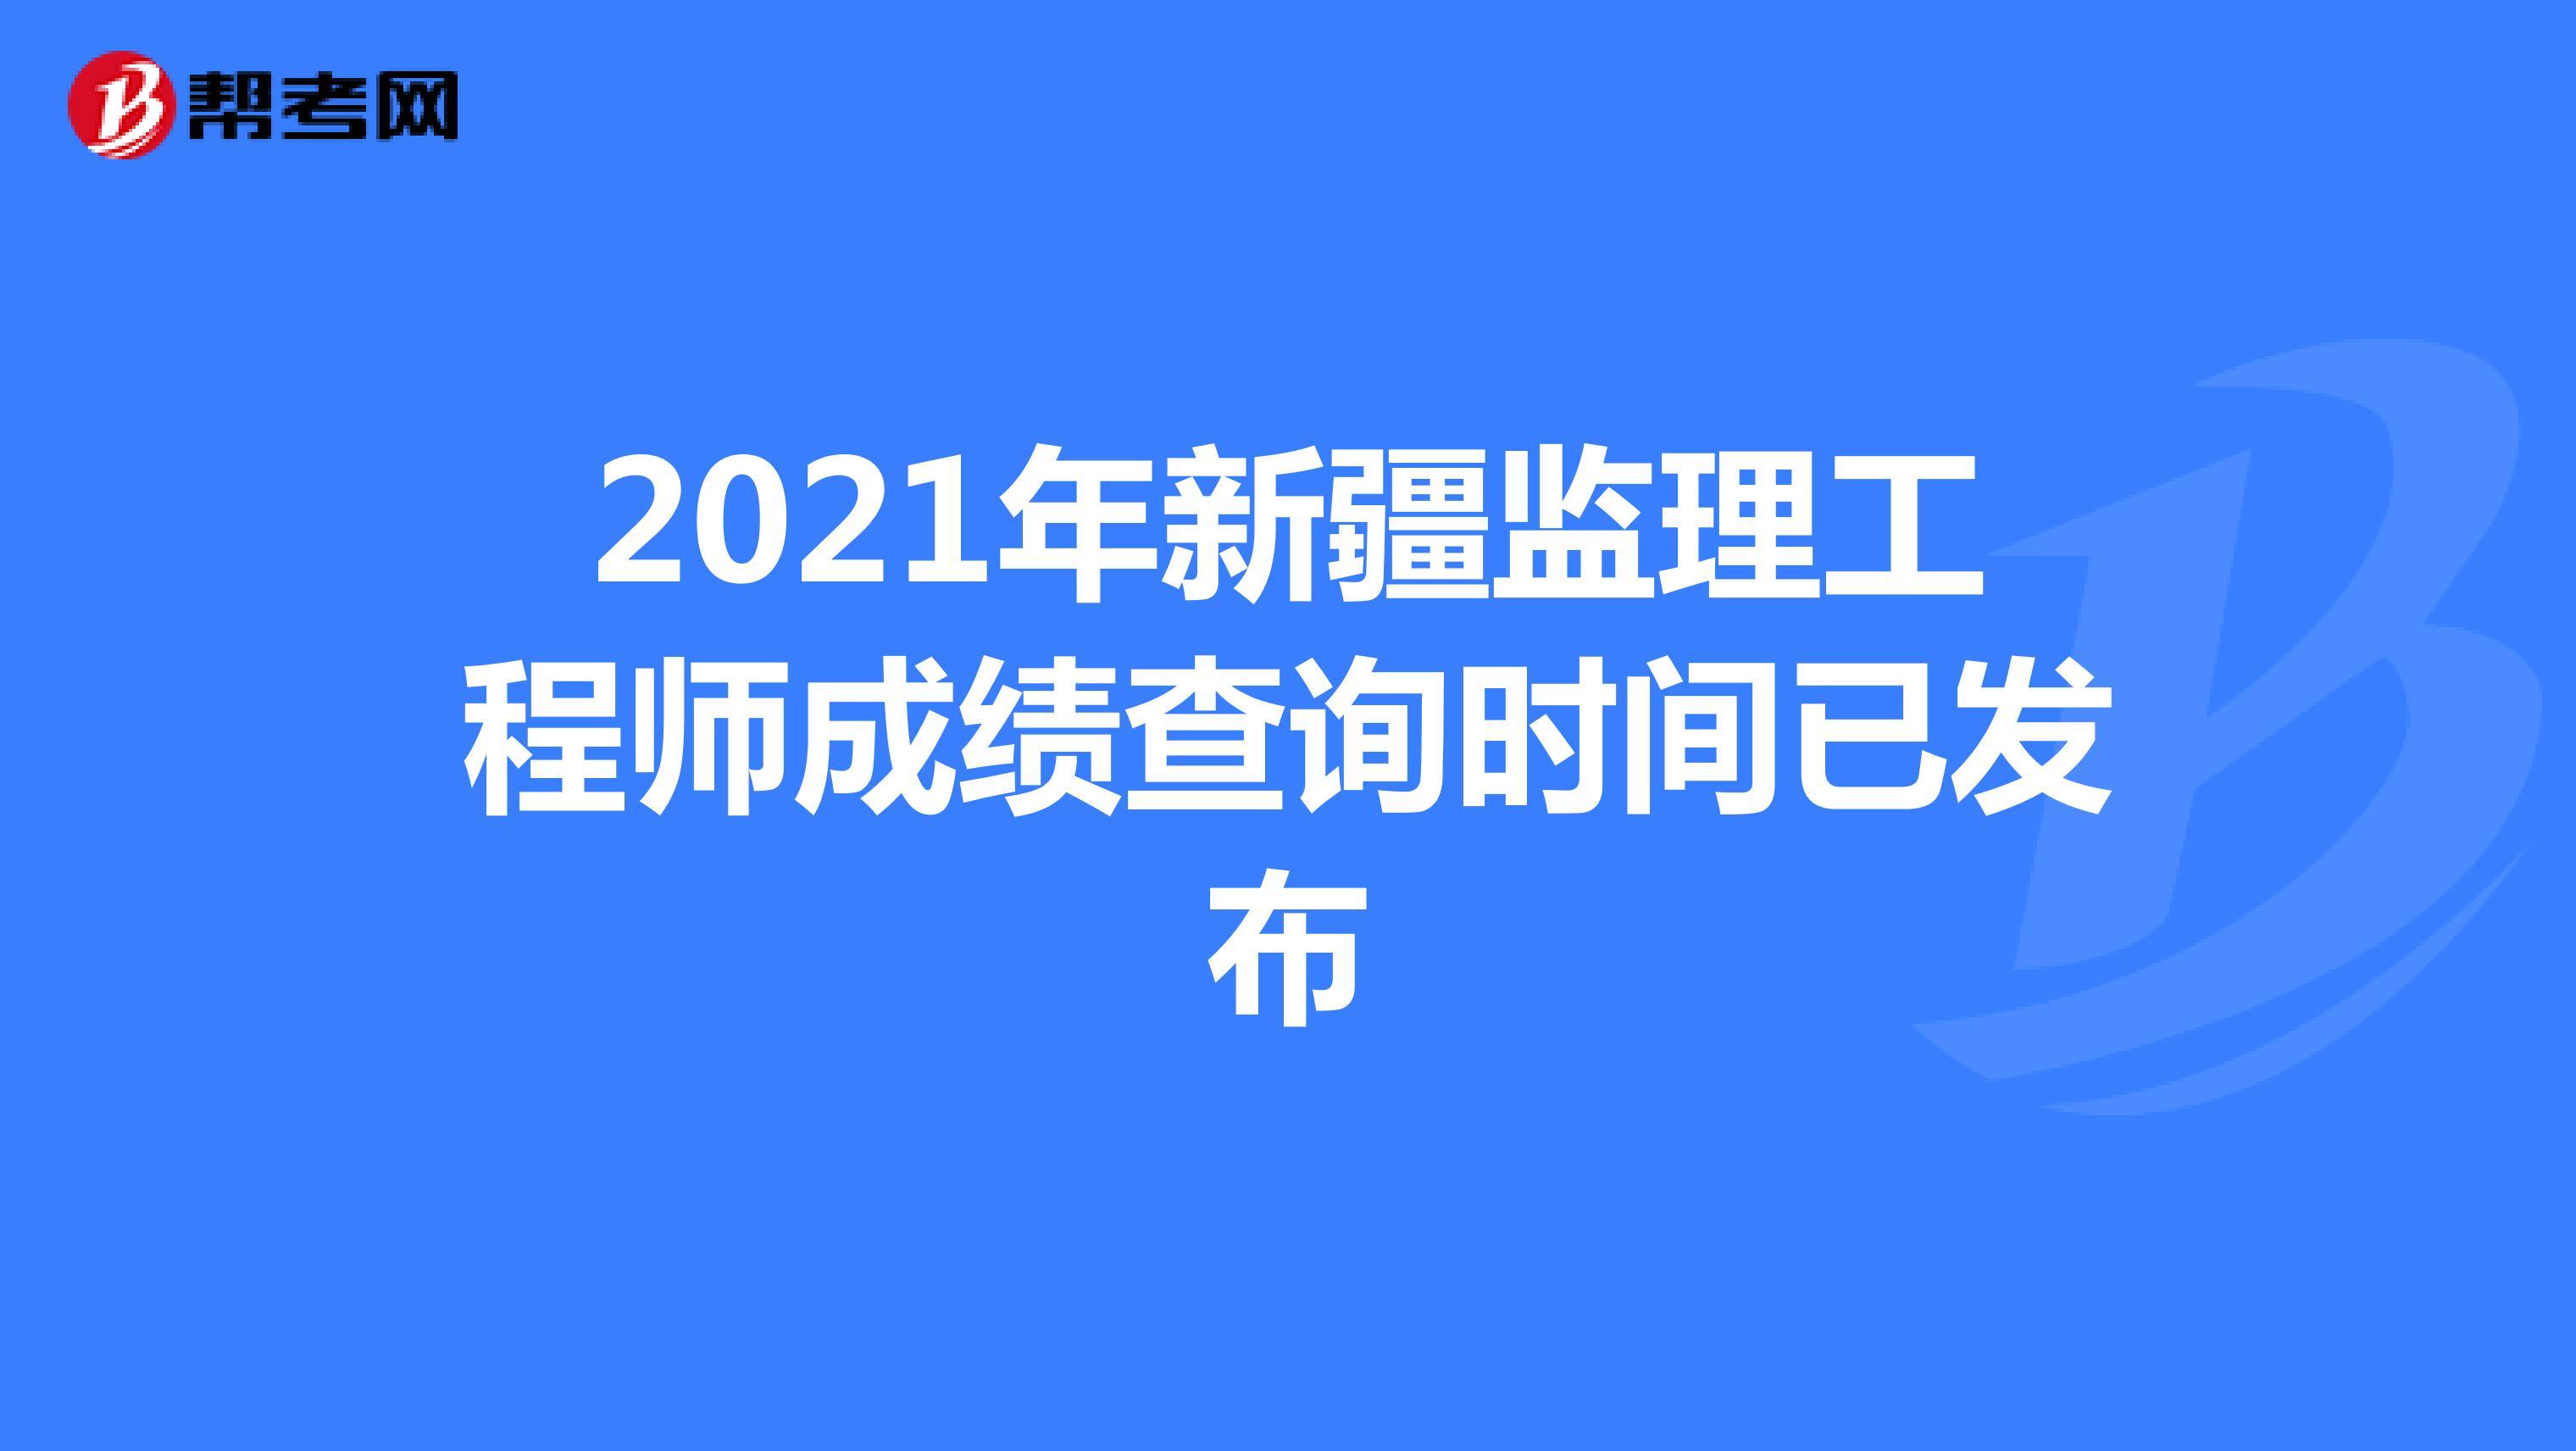 2021年新疆监理工程师成绩查询时间已发布